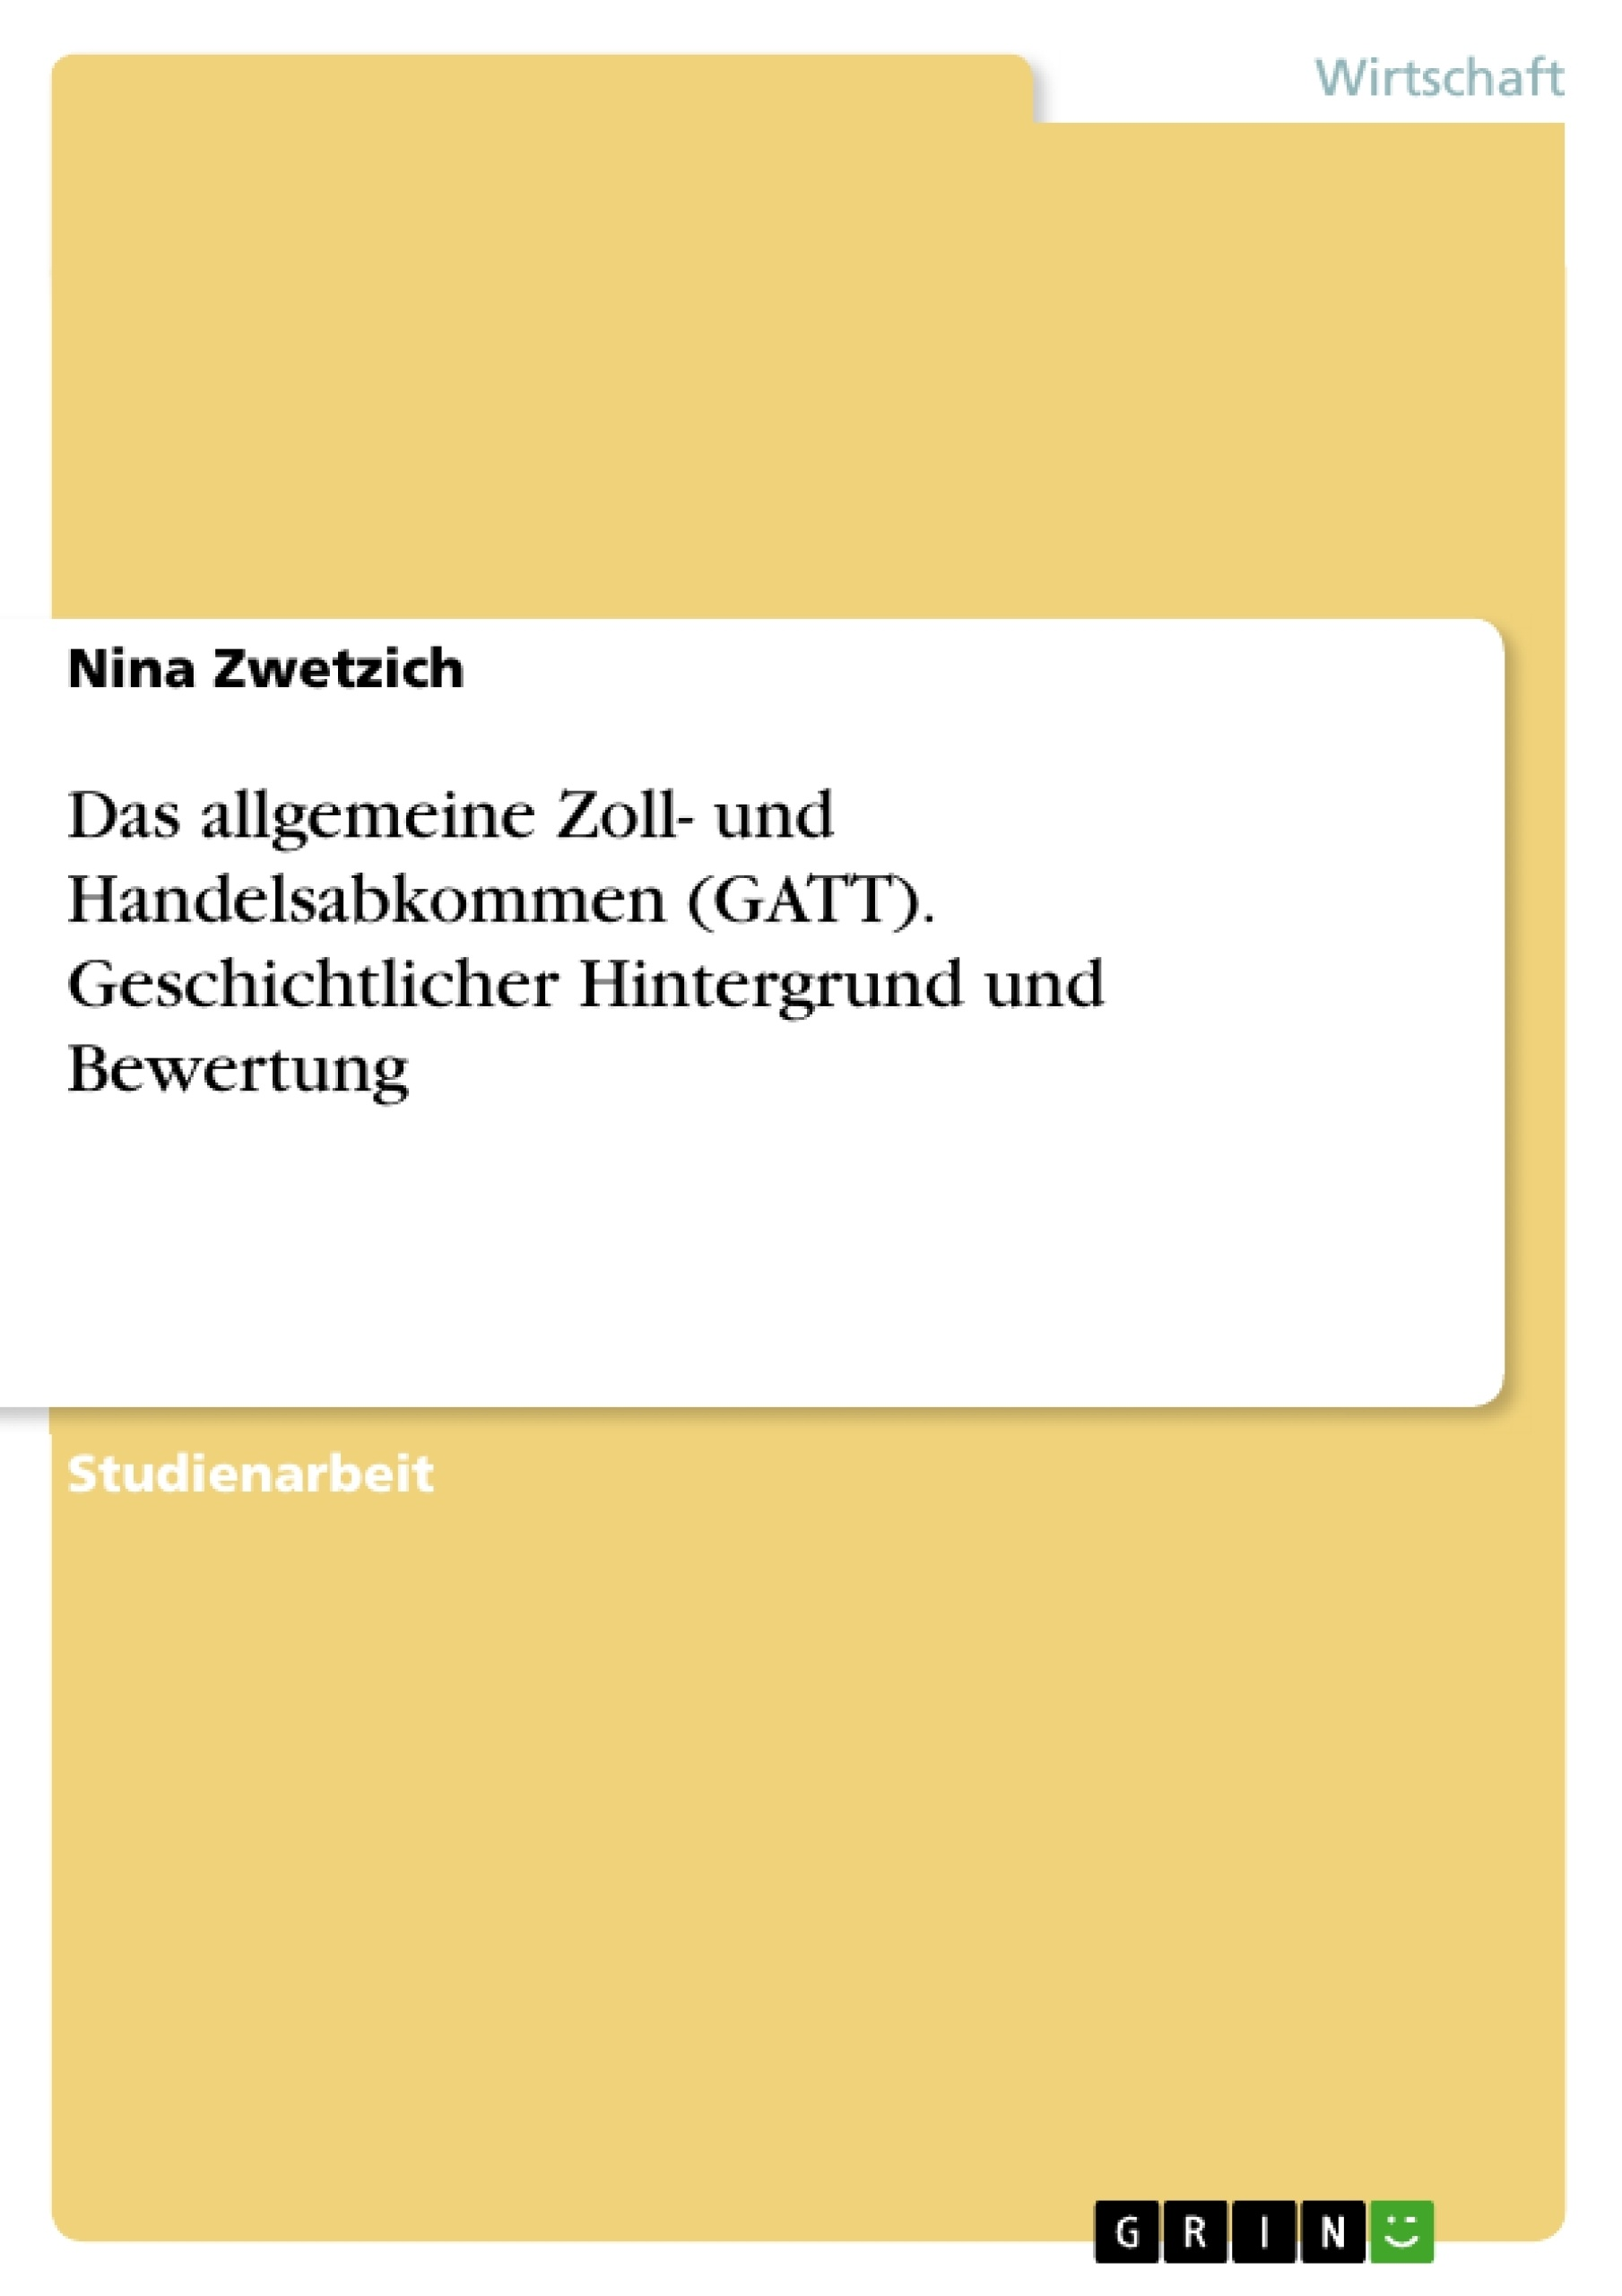 Titel: Das allgemeine Zoll- und Handelsabkommen (GATT). Geschichtlicher Hintergrund und Bewertung